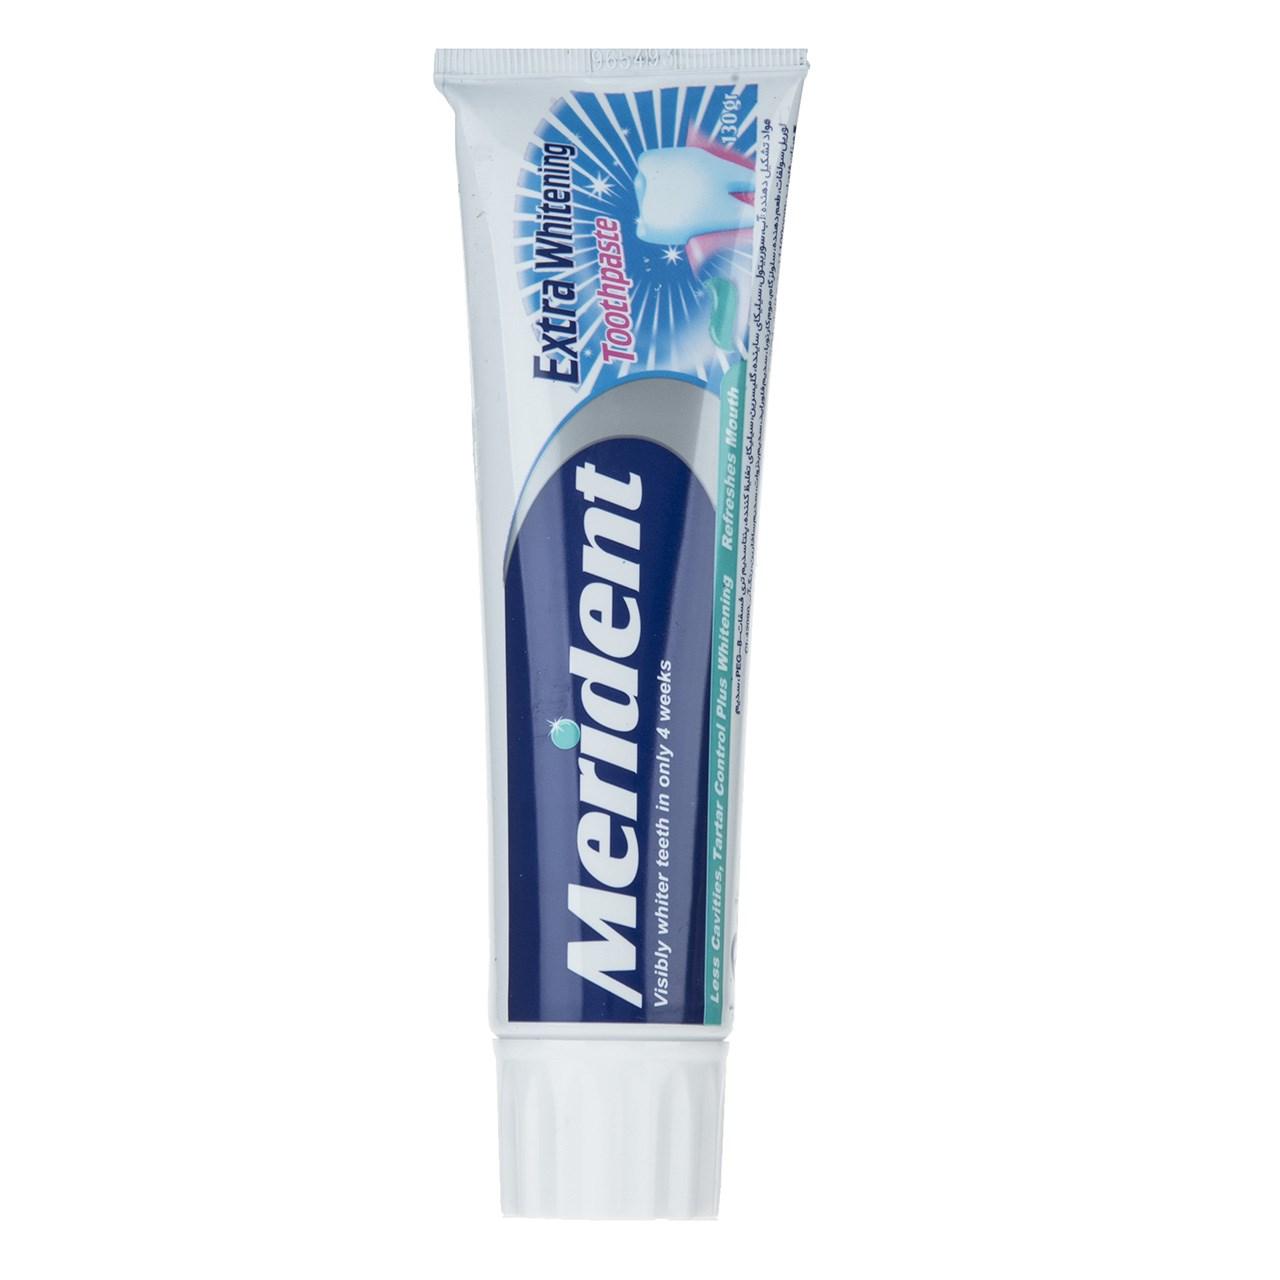 خمیر دندان سفید کننده مریدنت مدل Whitening مقدار 130 گرم